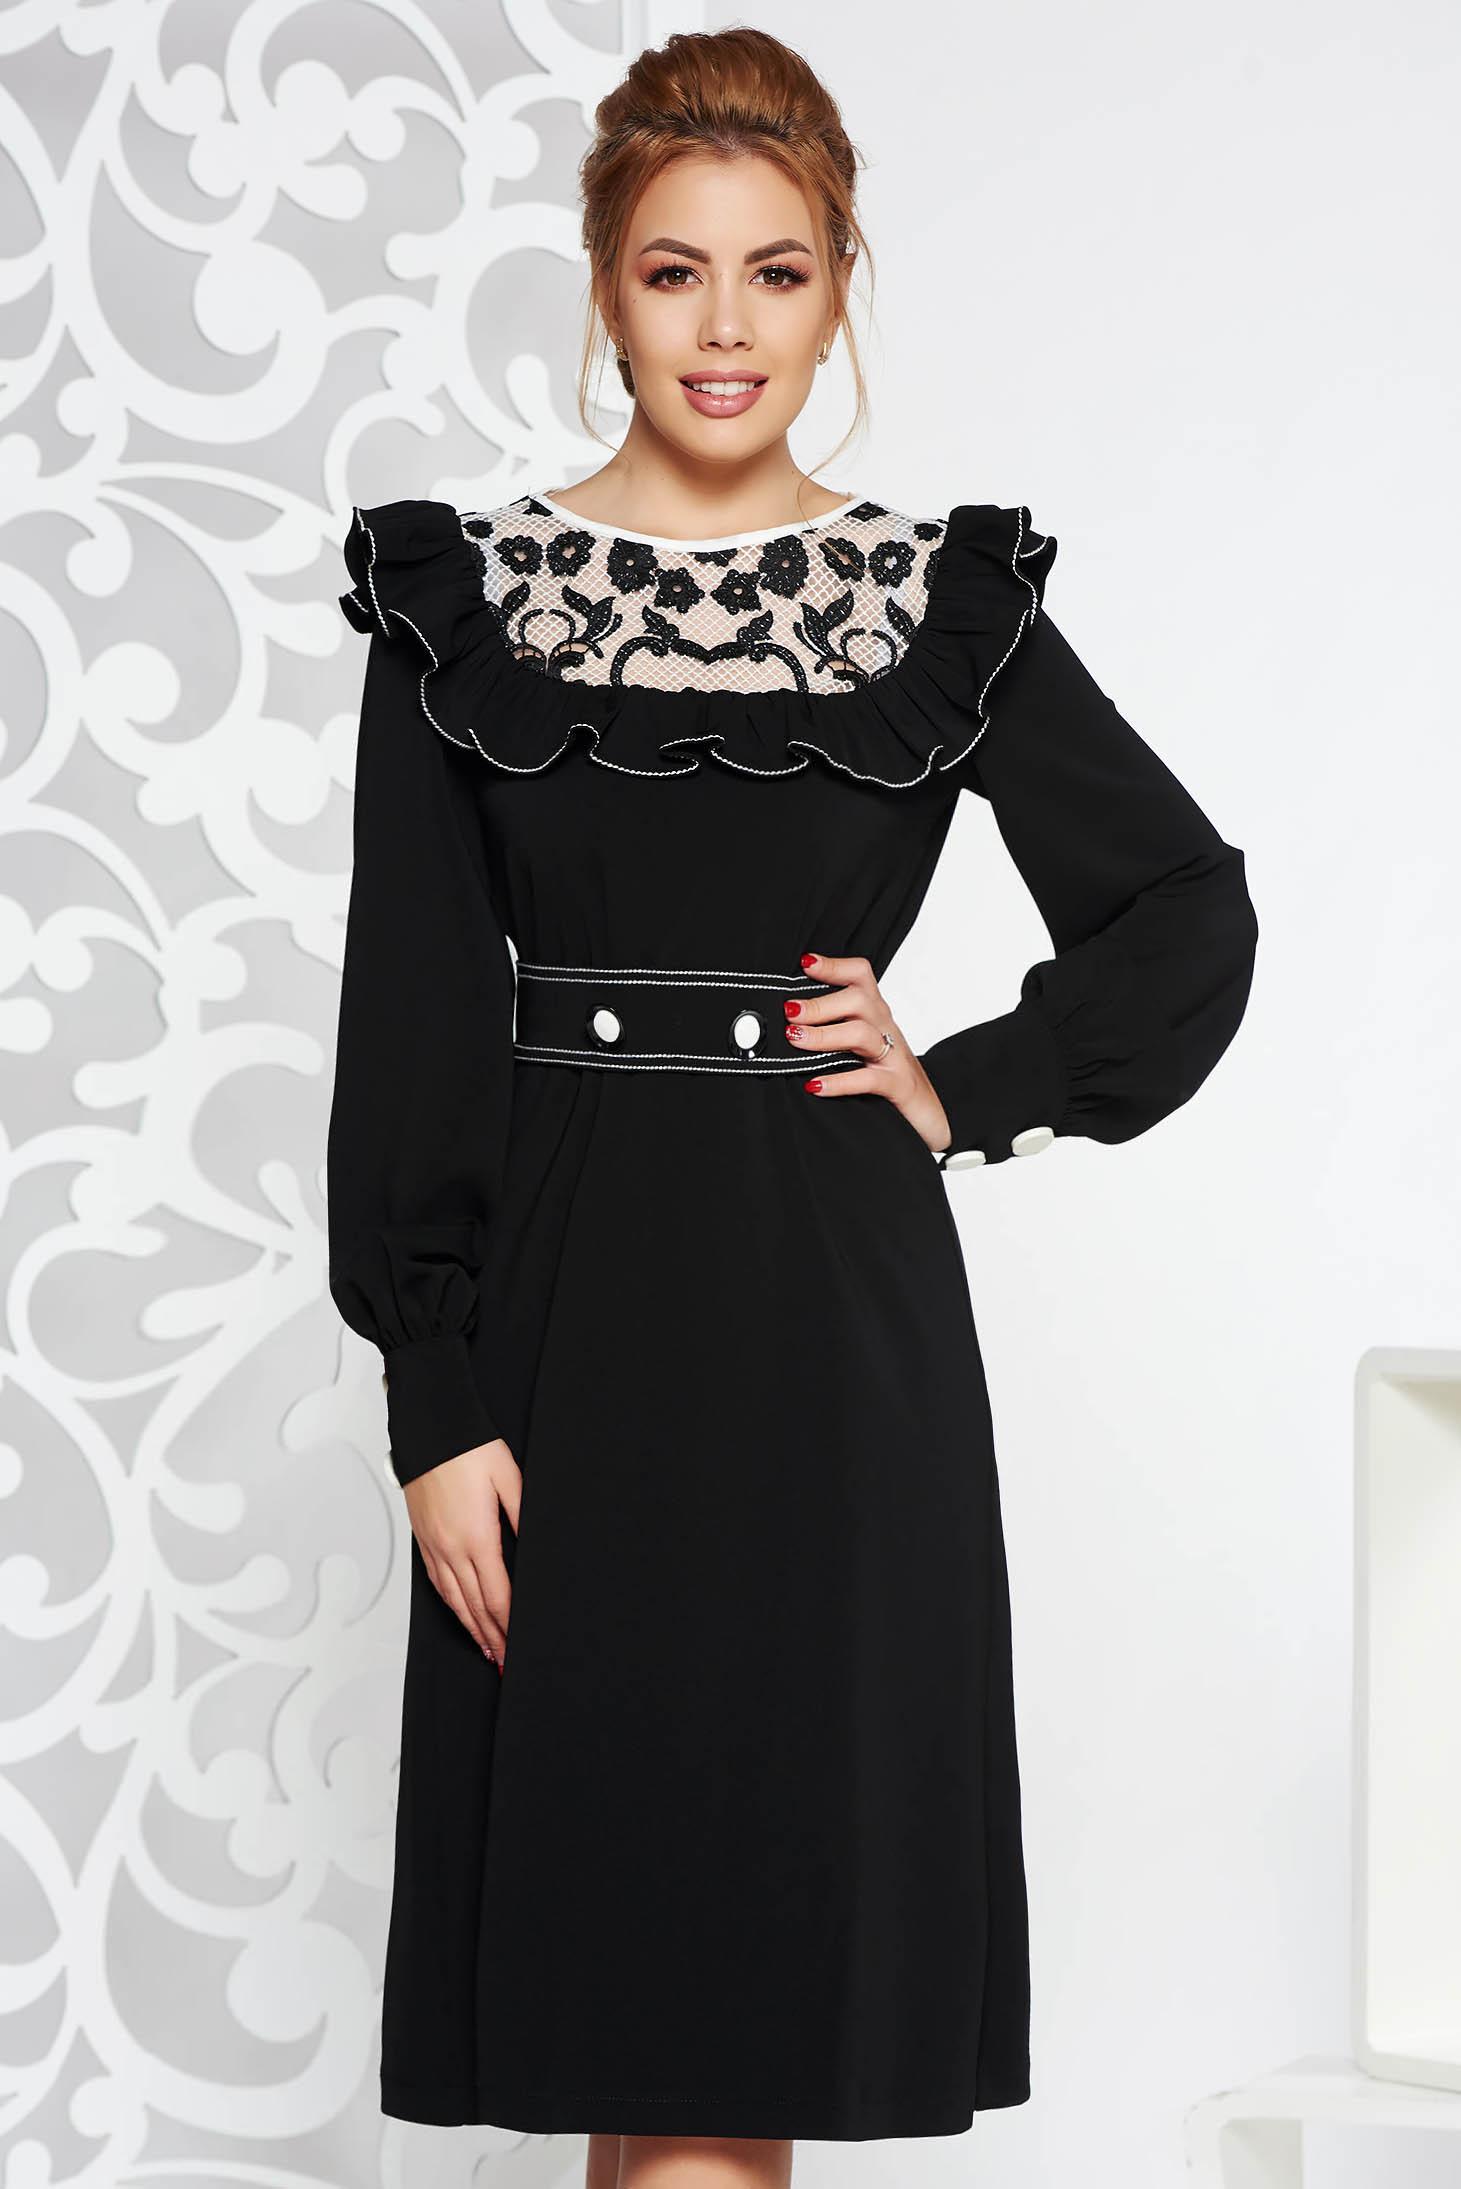 Rochie LaDonna neagra eleganta din stofa neelastica cu volanase cu aplicatii de dantela accesorizata cu cordon